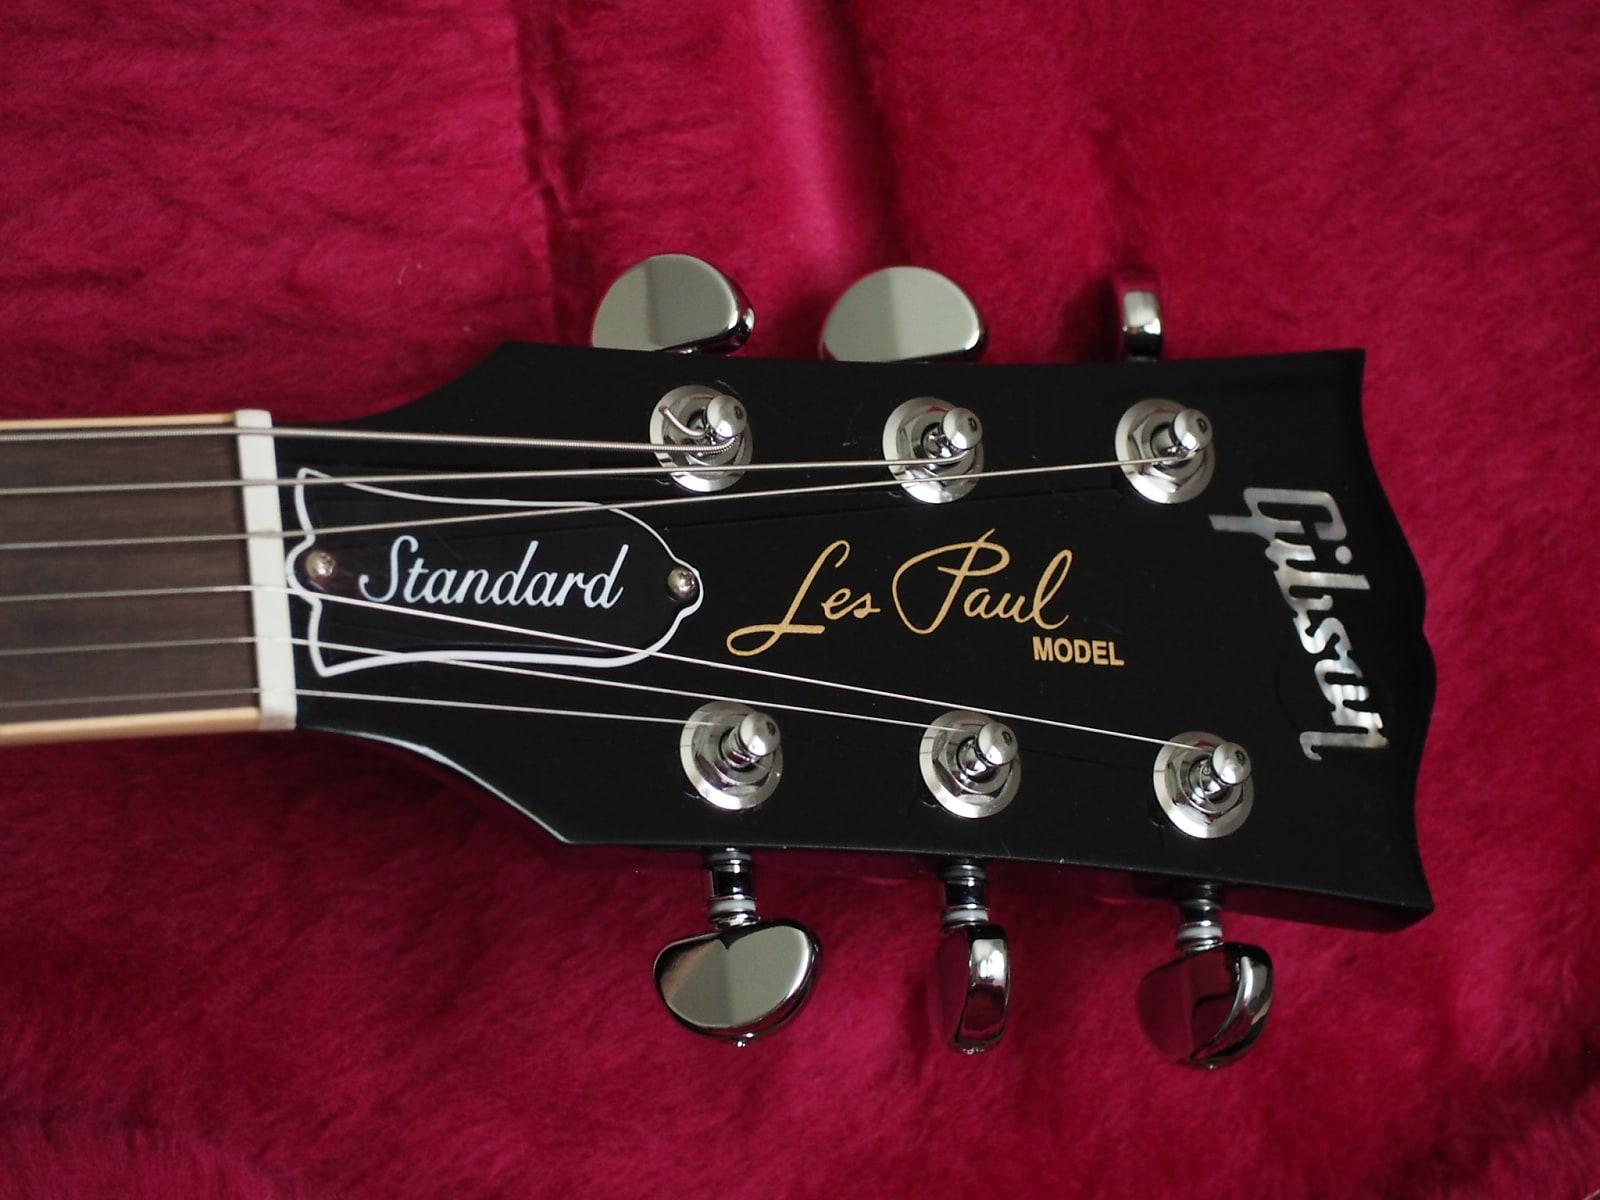 Gibson Les Paul Standard T 2017 Blueberry Burst DiMarzio DP100's